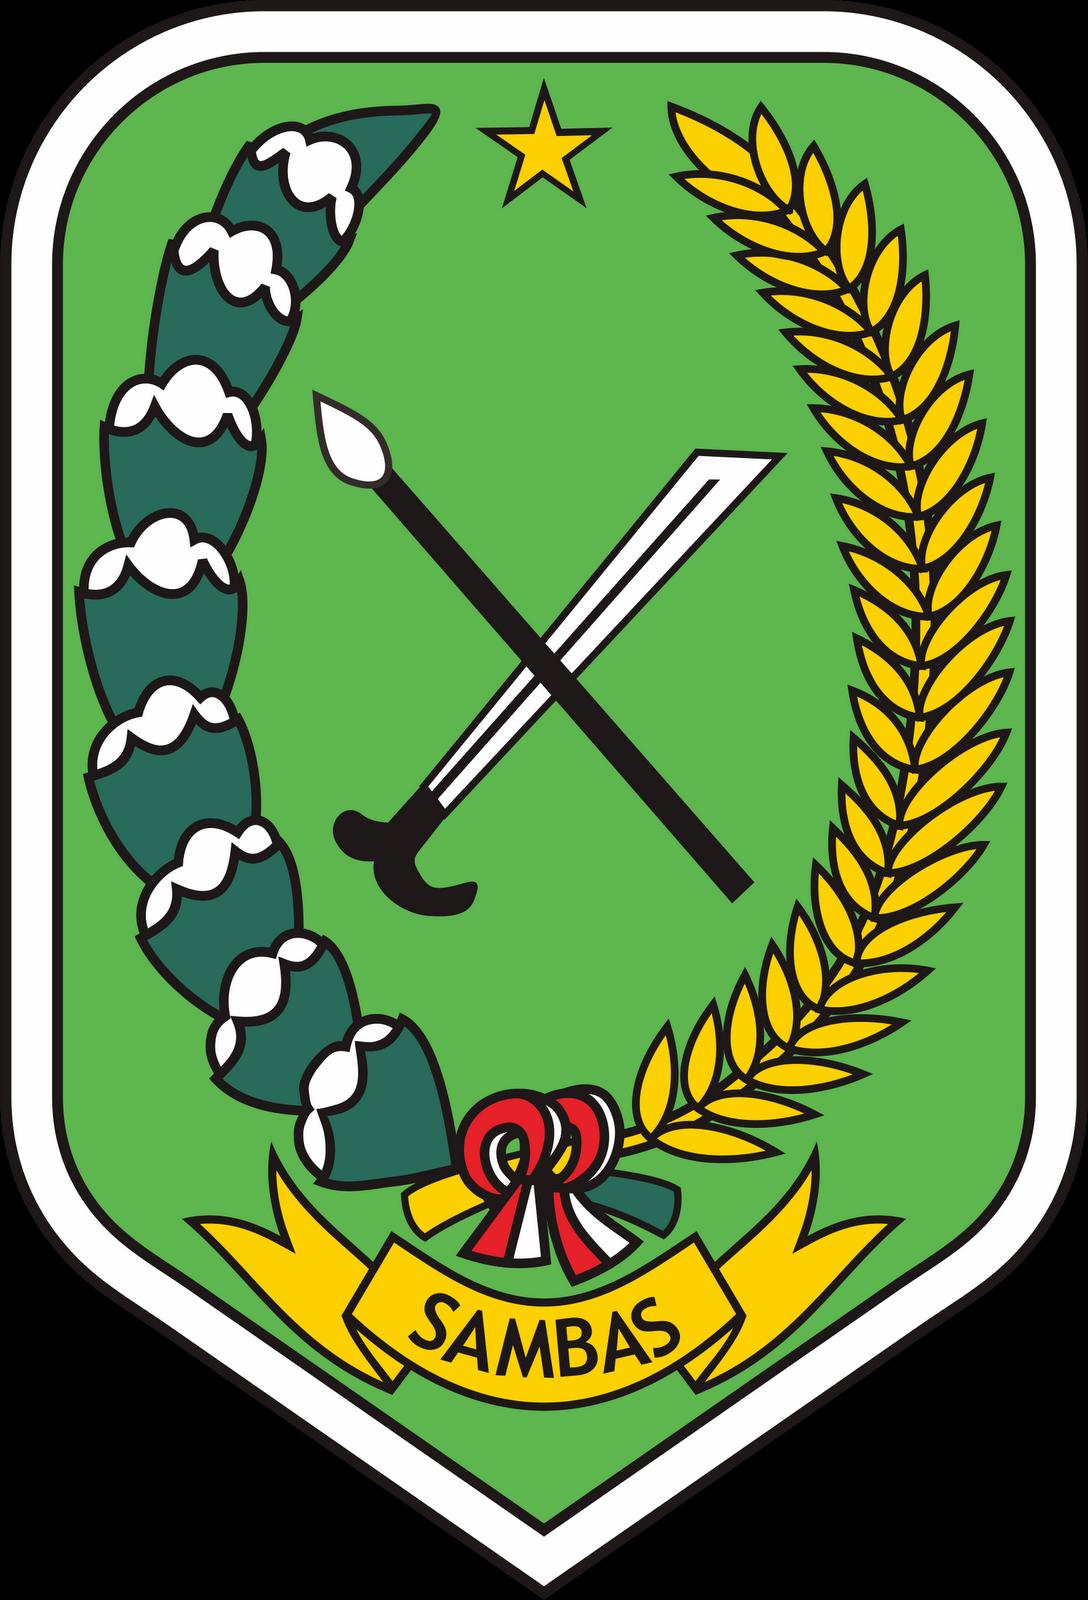 Pengumuman CPNS Kabupaten Sambas - Kalimantan Barat